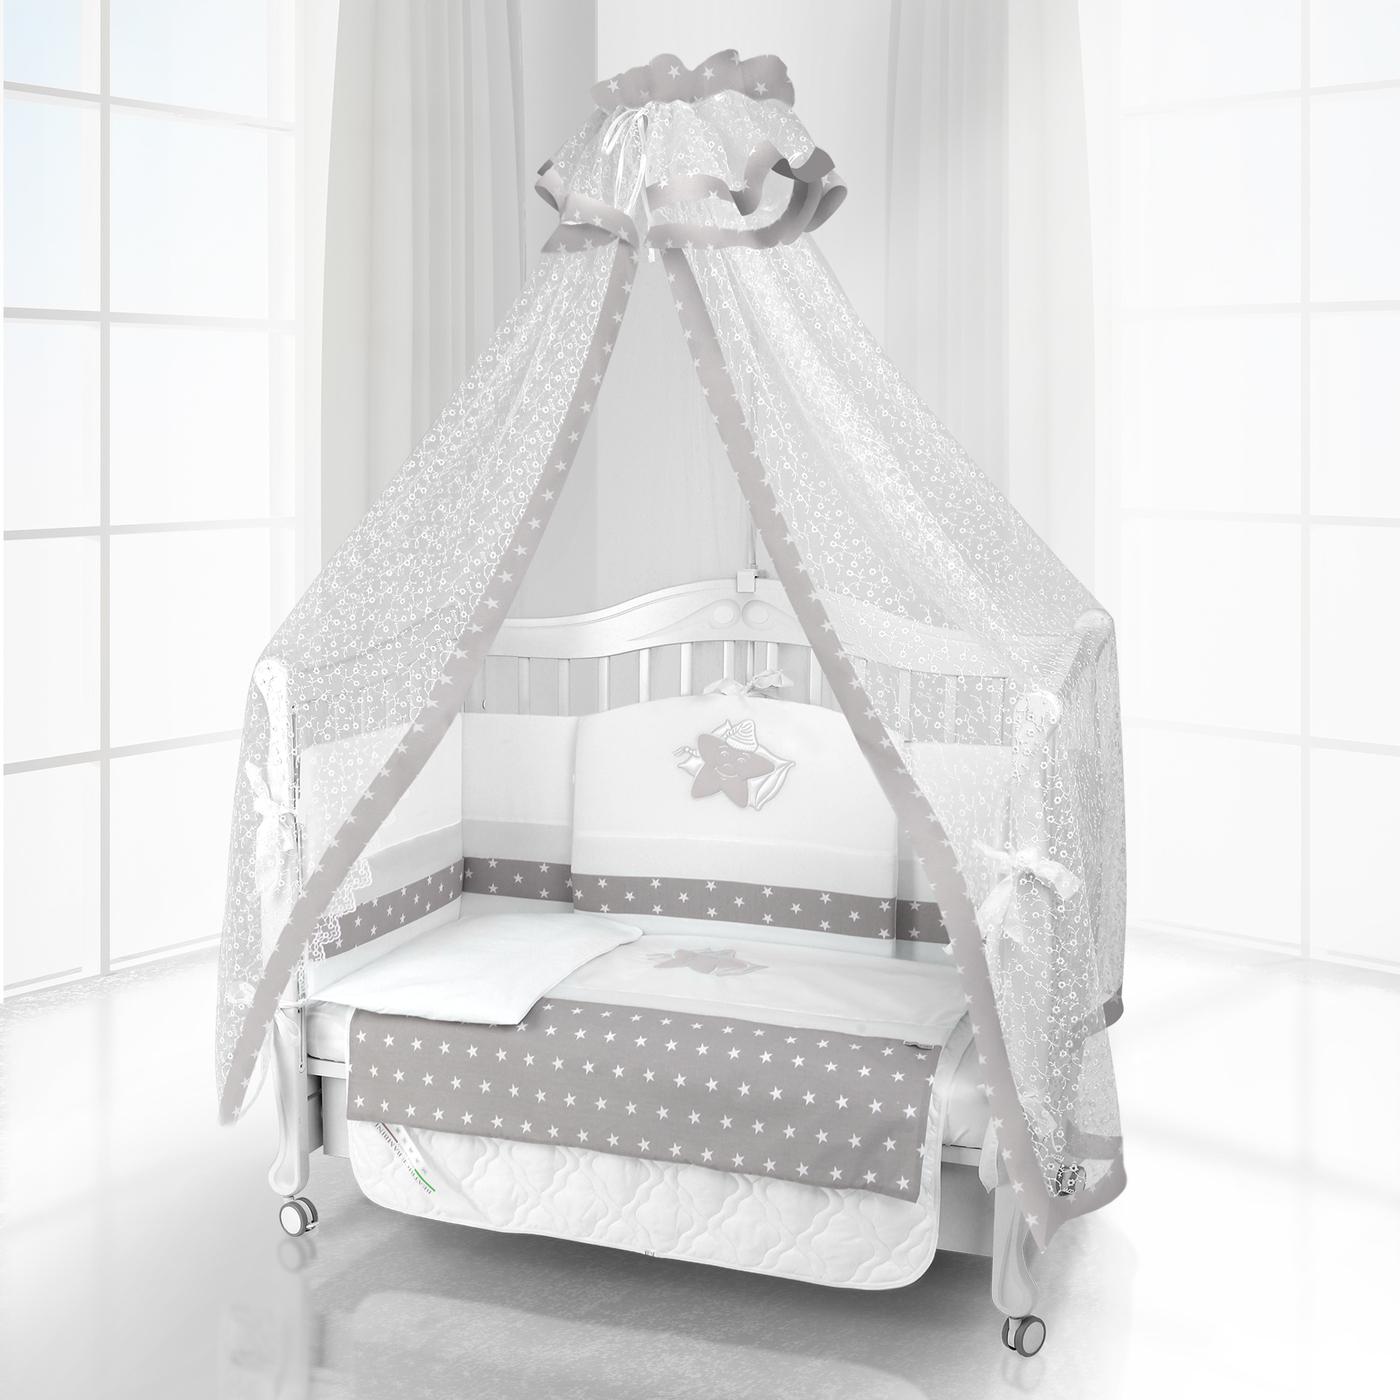 Комплект постельного белья Beatrice Bambini Unico Smile (120х60) - bianco grigio